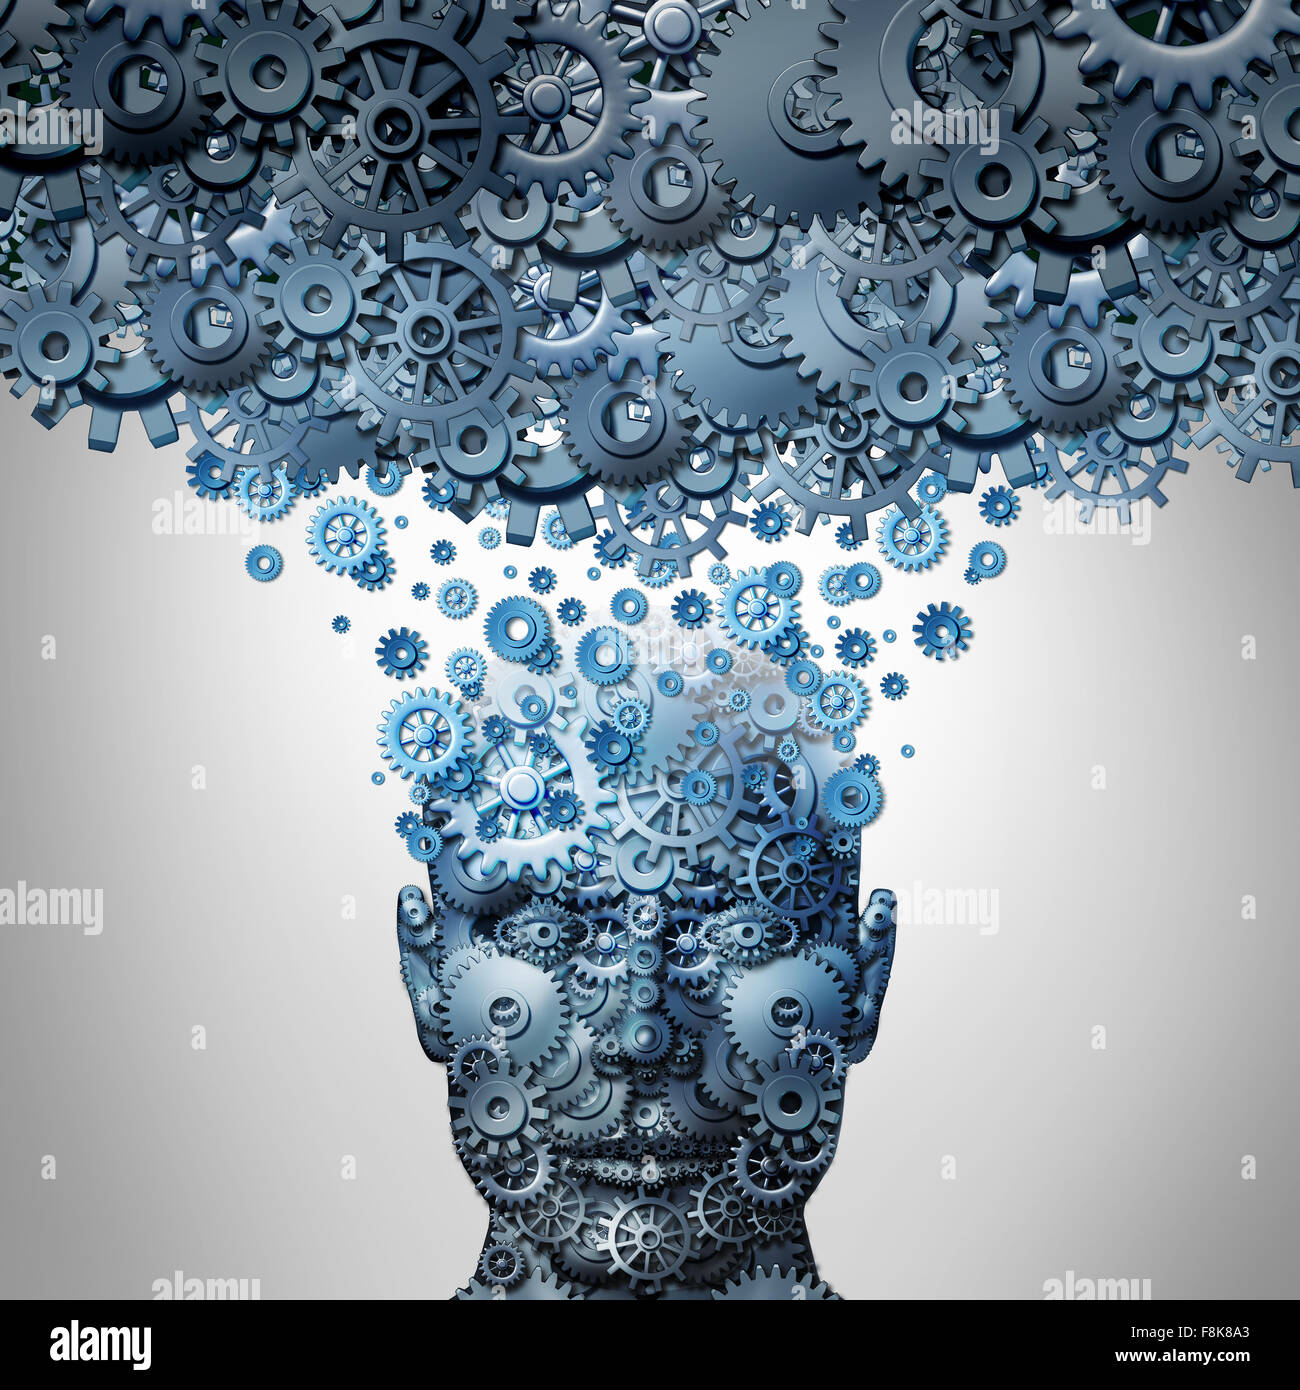 Cargue su mente o subir tu cerebro concepto como una cabeza humana hecha de engranajes mecanizados y ruedas dentadas Imagen De Stock